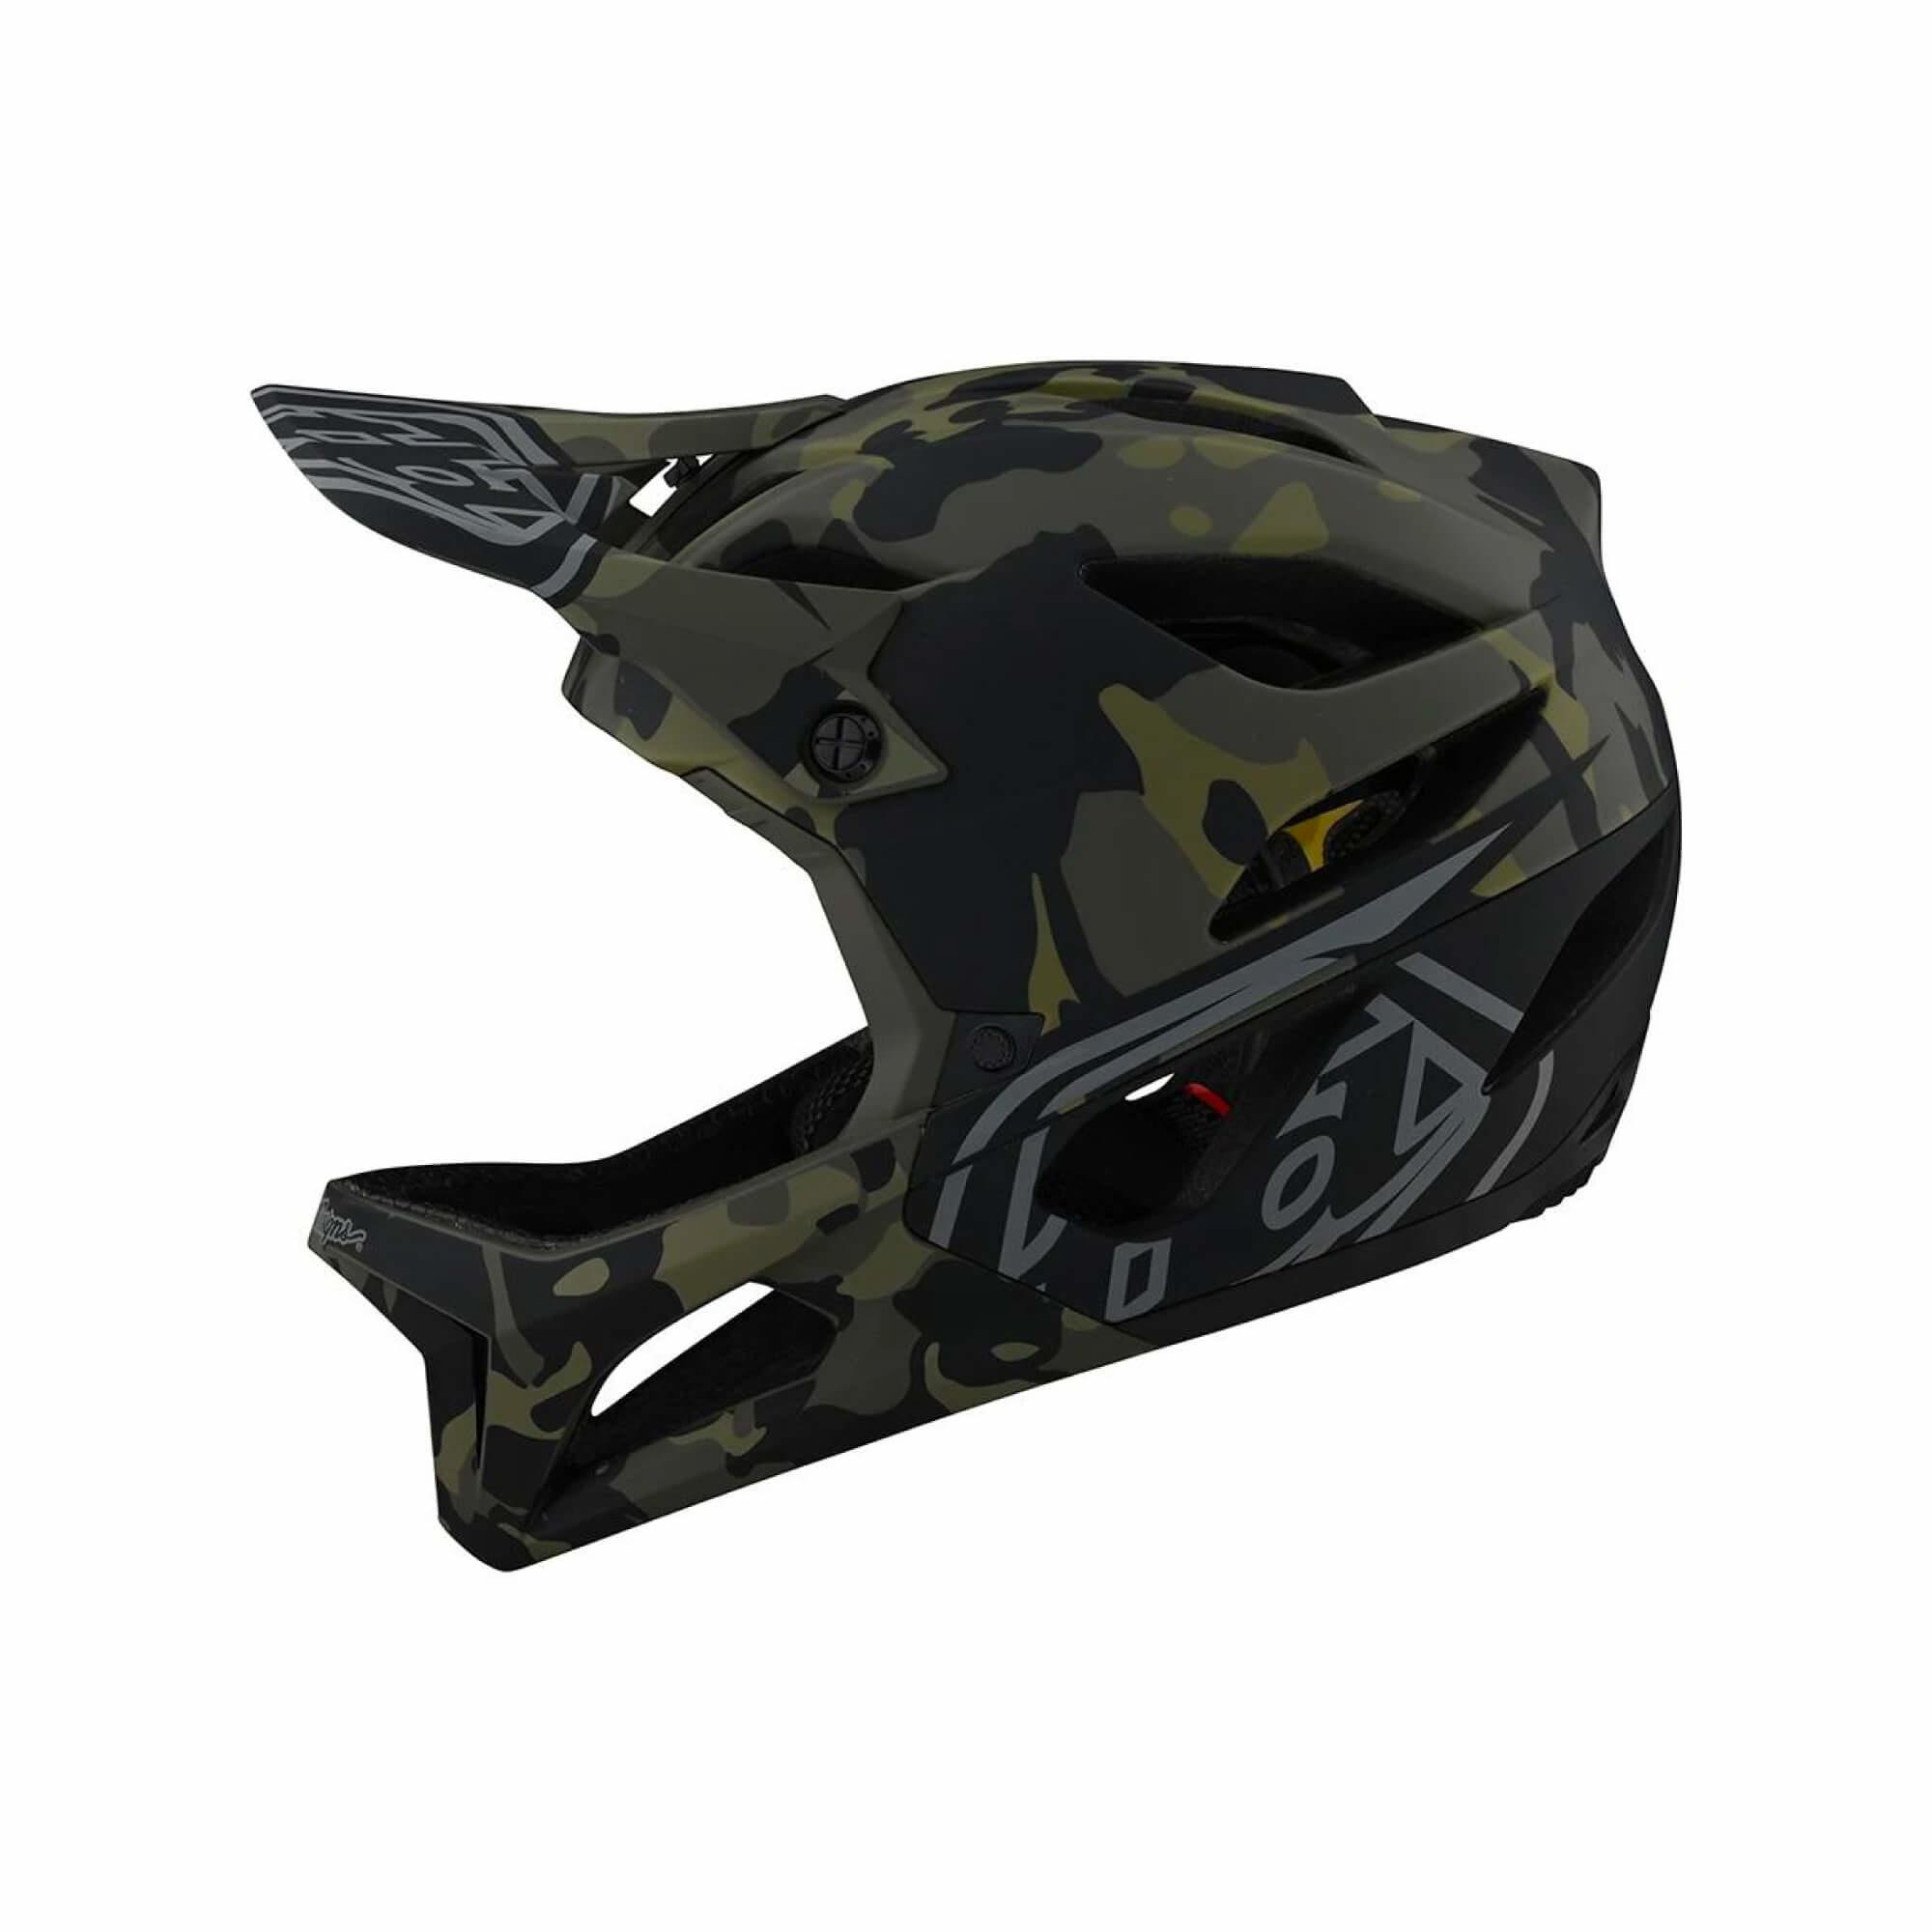 Stage As Mips Helmet 2021-7